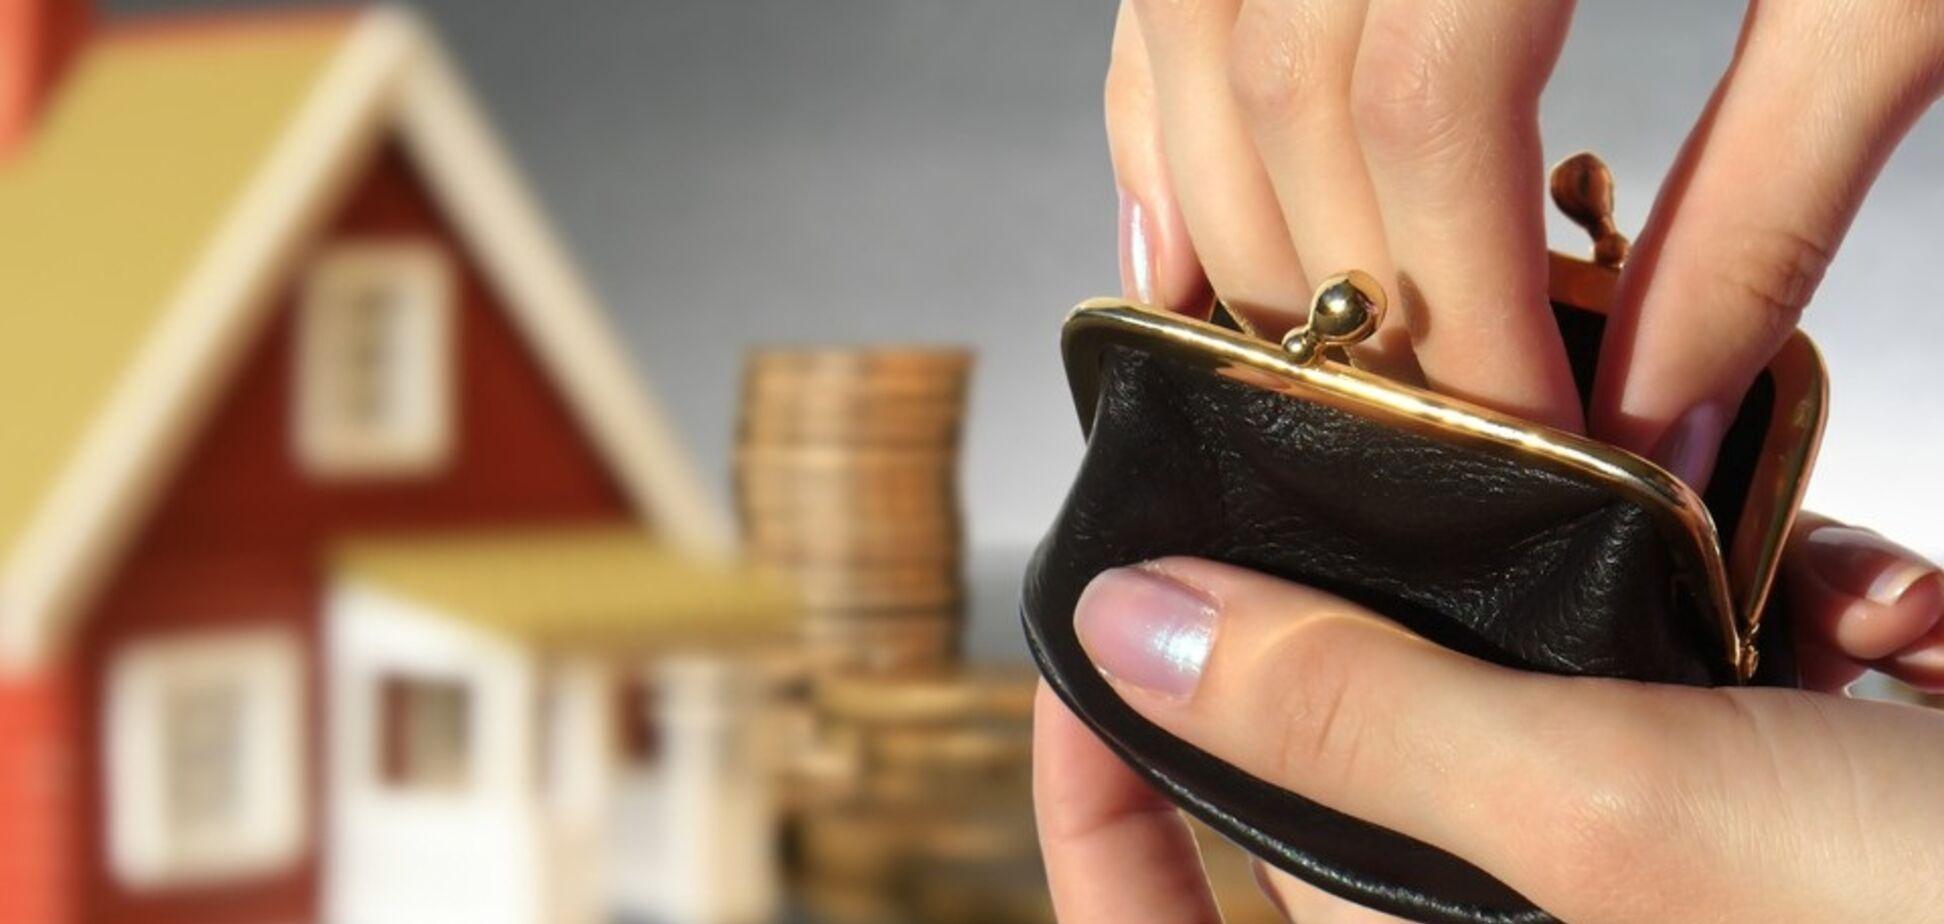 Податок на нерухомість в Україні: хто і скільки заплатить